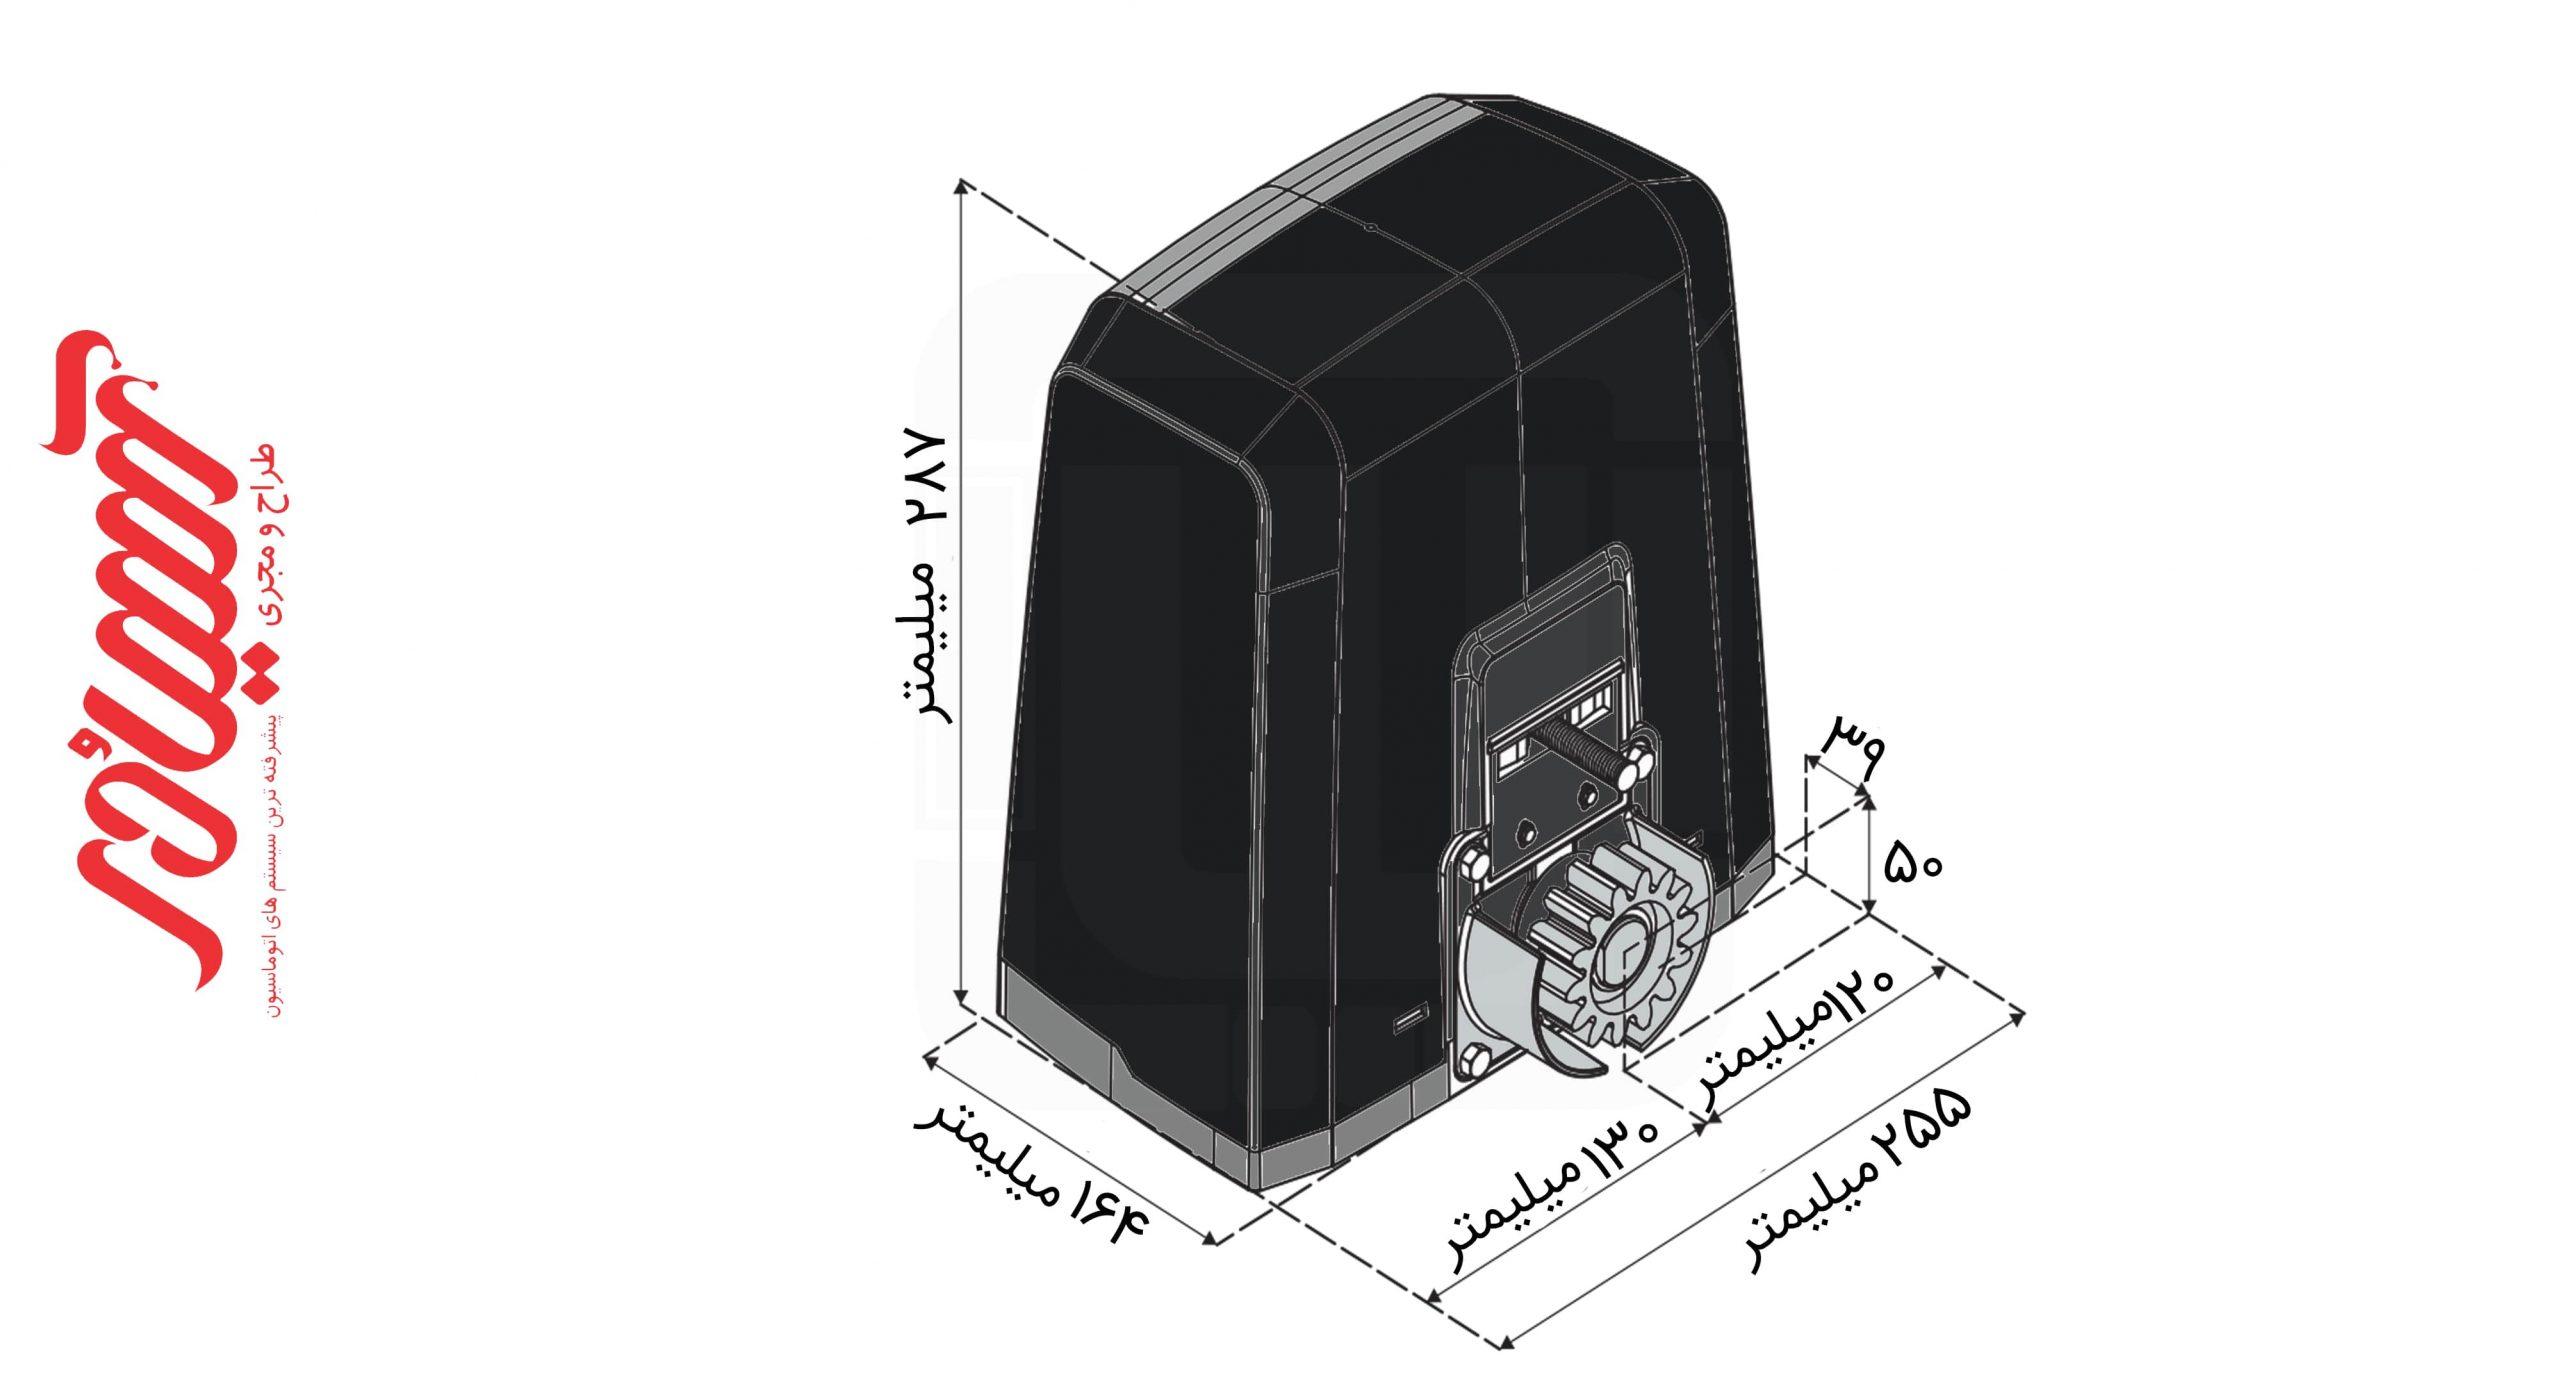 ابعاد موتور ریلی دایموس 600 کیلوگرم